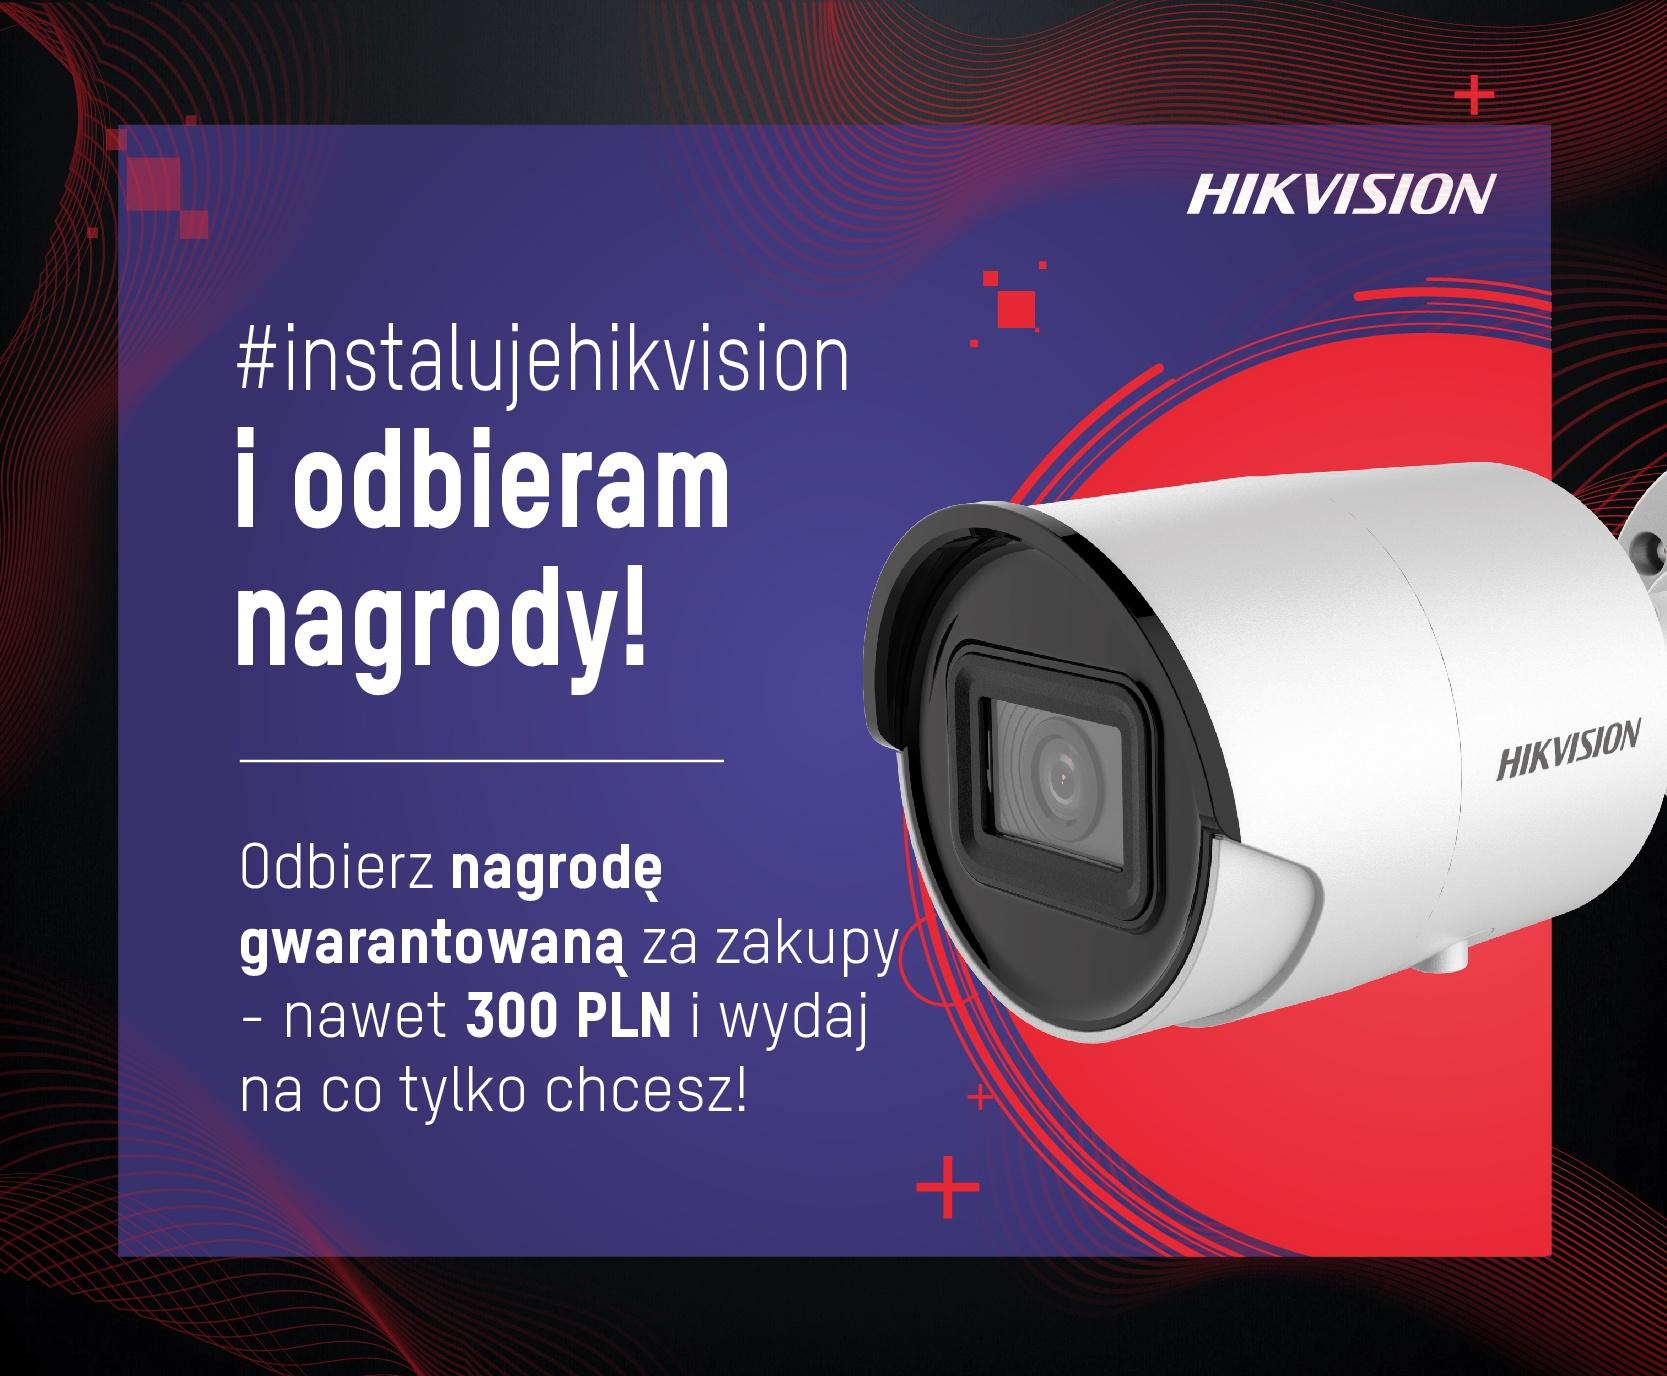 #instalujehikvision, weź udział w promocji